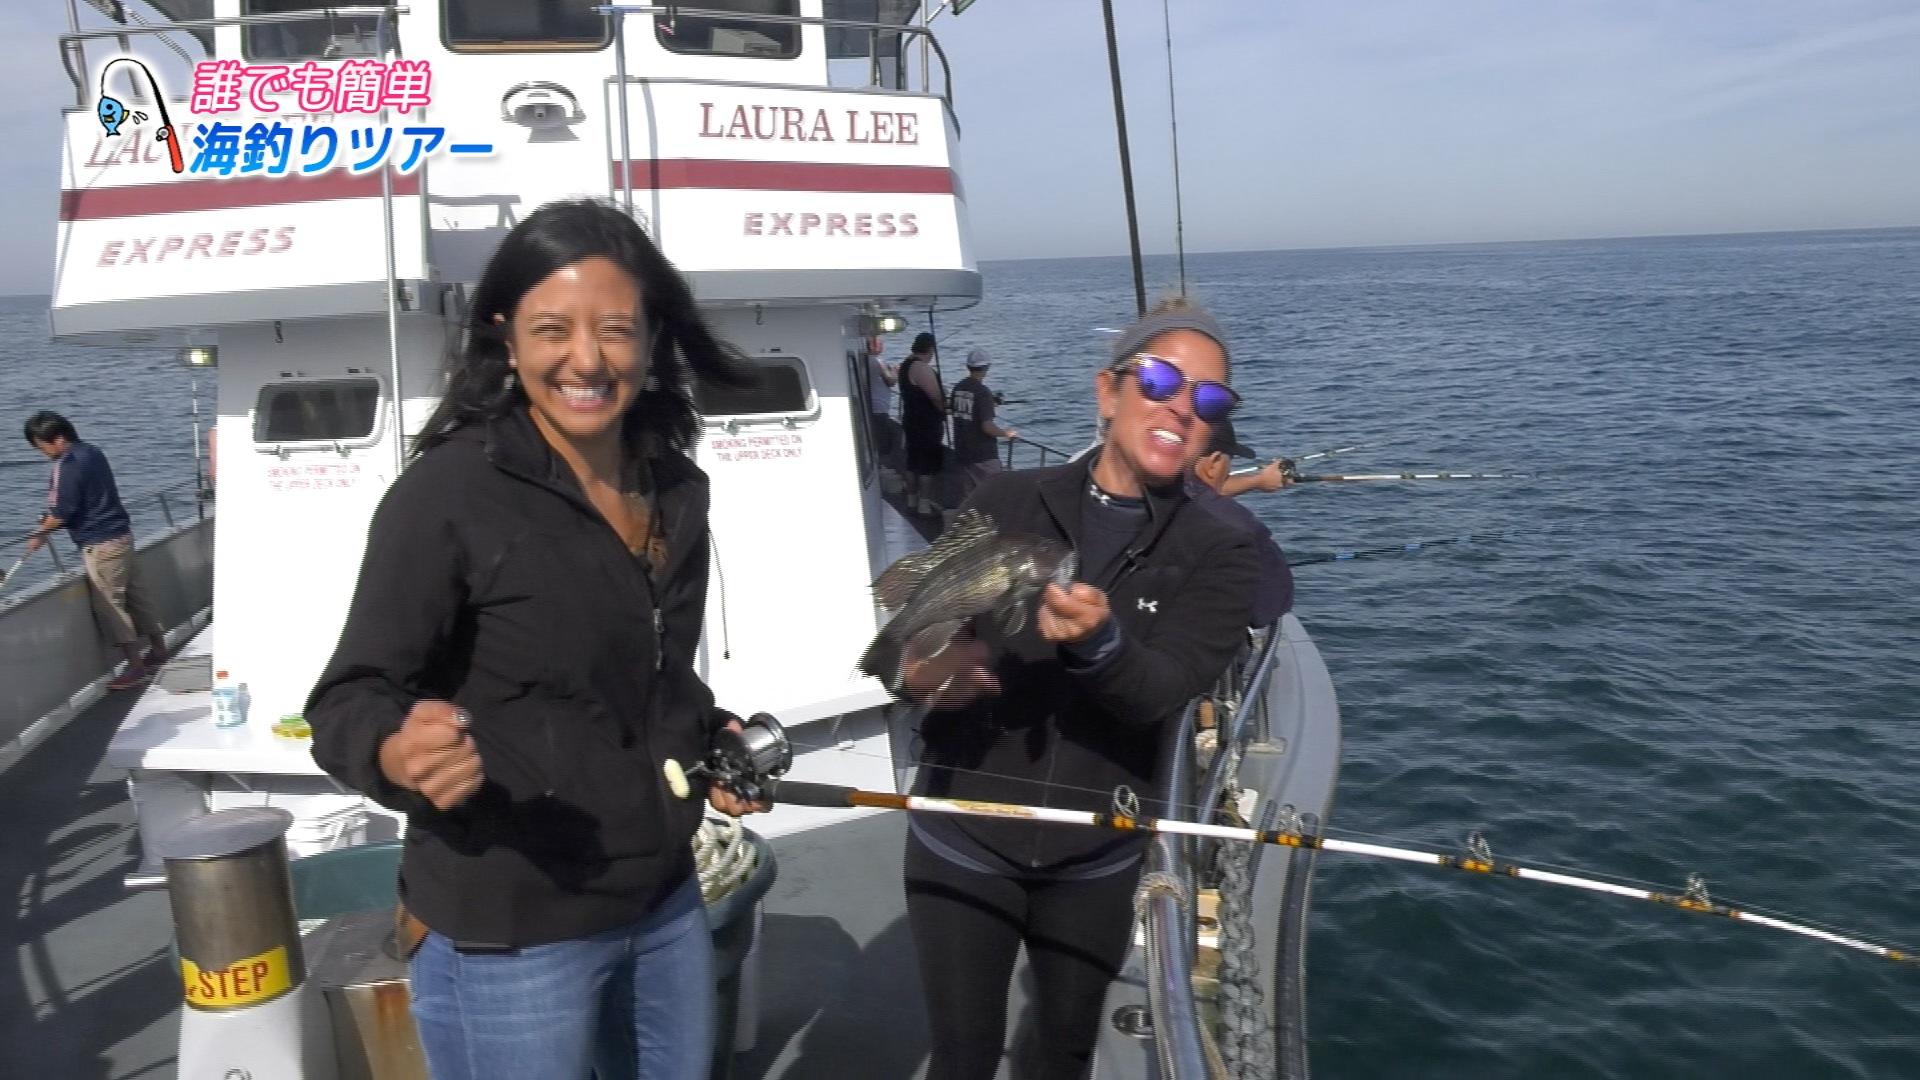 Image: 初心者でも気軽に行ける海釣りツアー